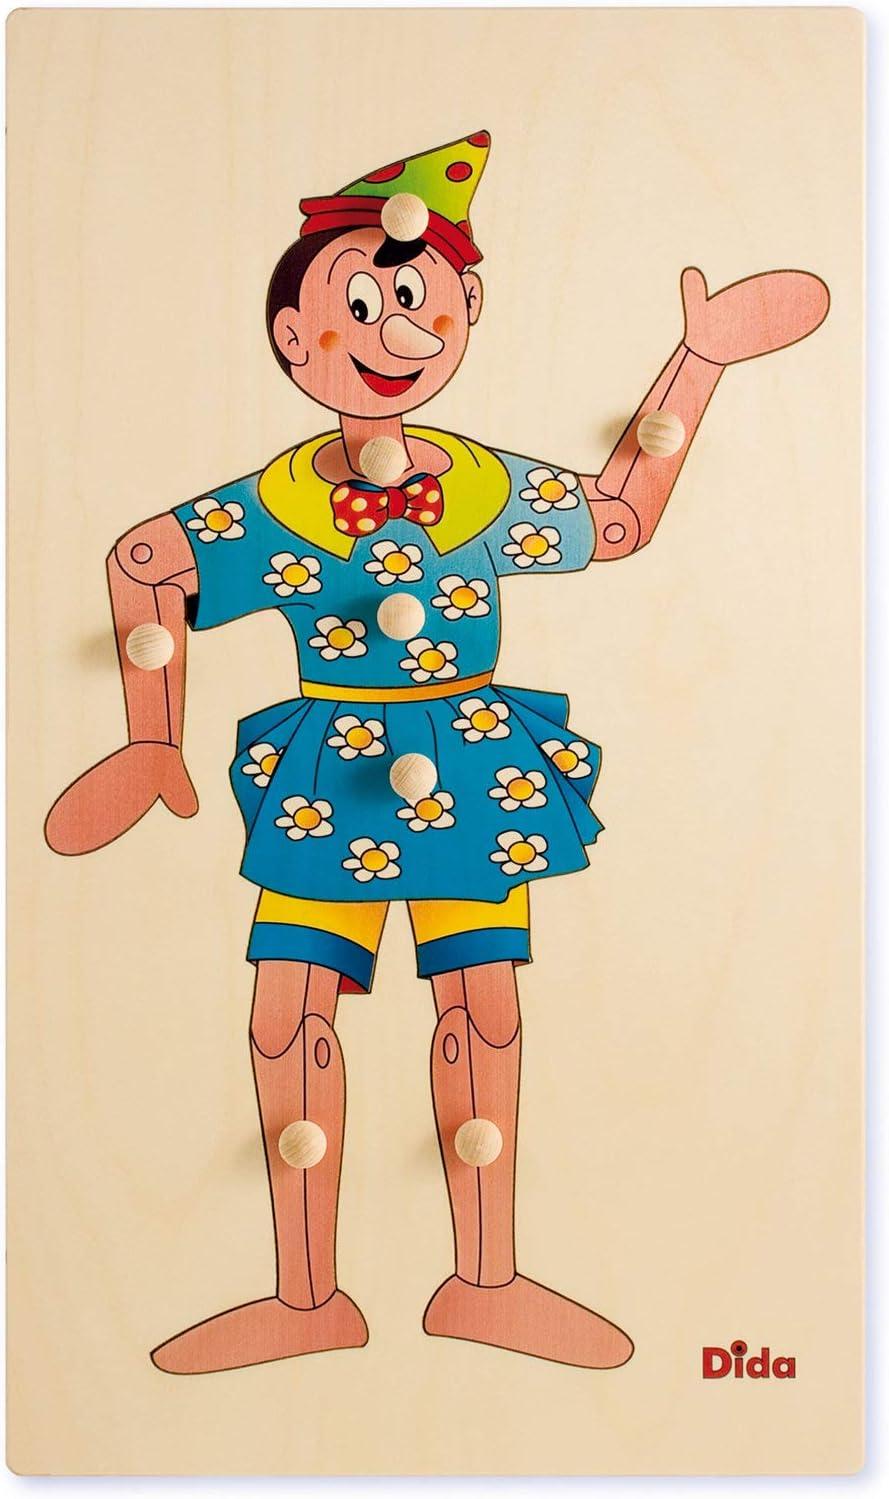 Dida - Rompecabezas Cuerpo - Pinocho: Amazon.es: Juguetes y juegos